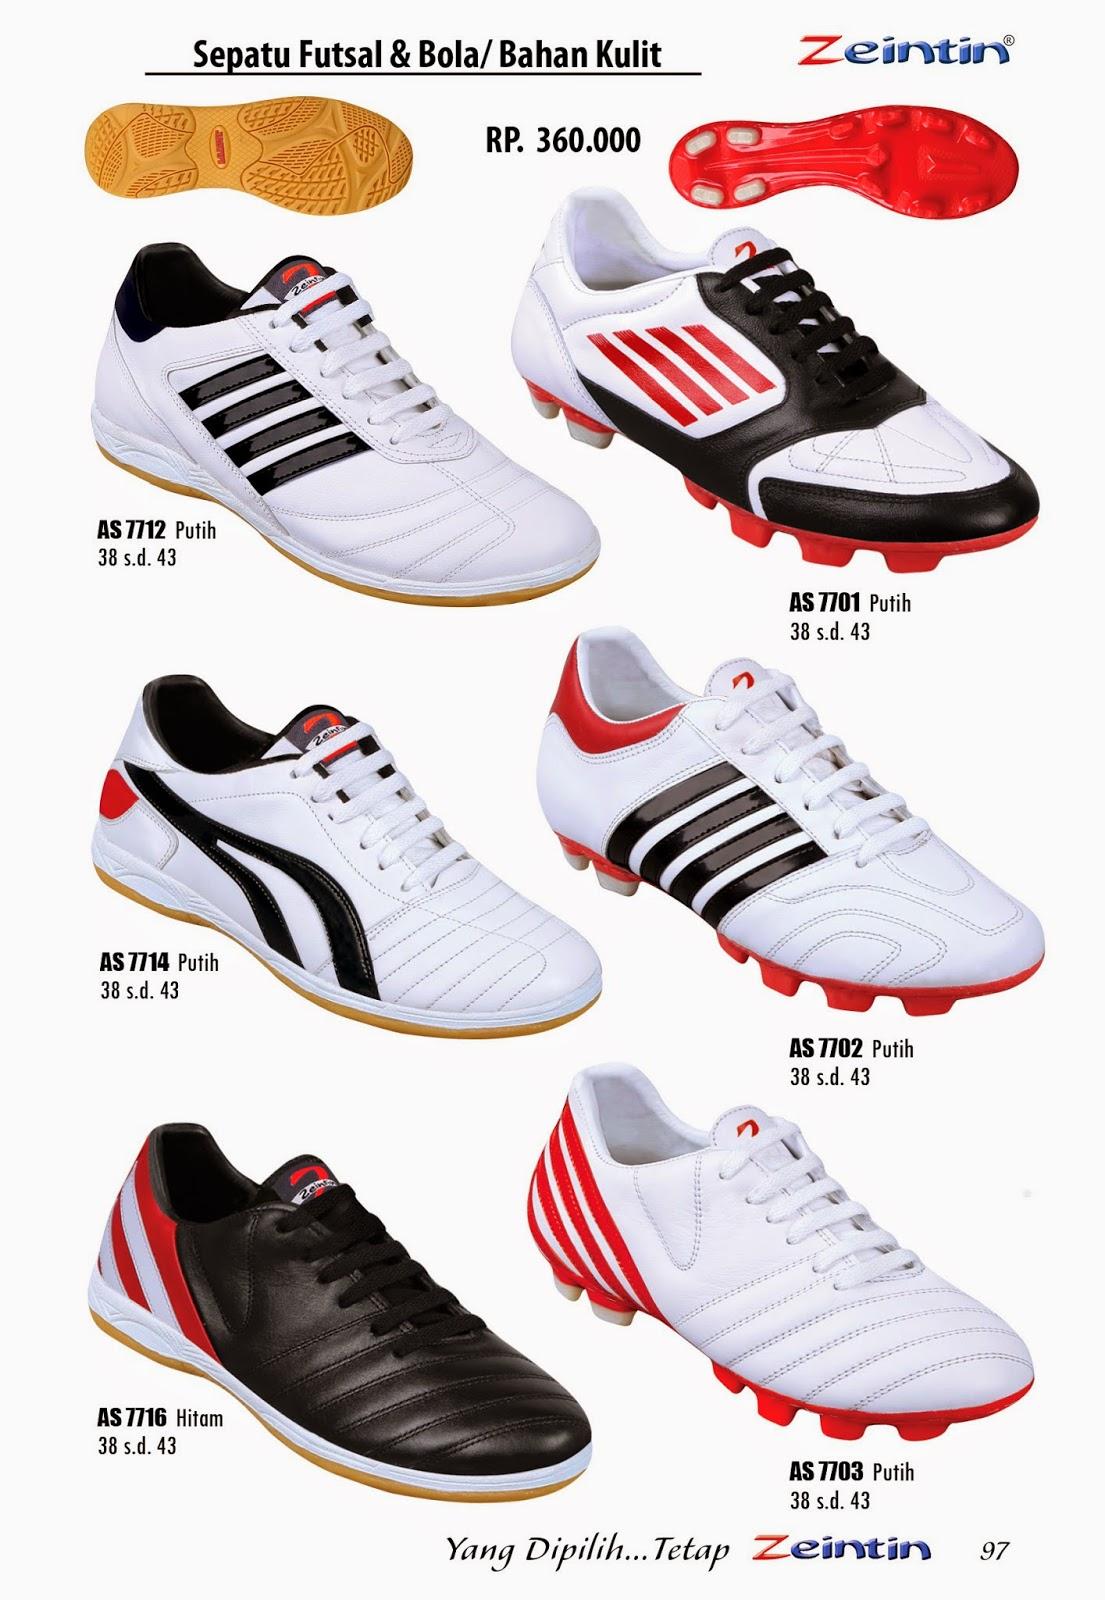 Sepatu Futsal Zeintin, Edisi Katalog Brilian 11